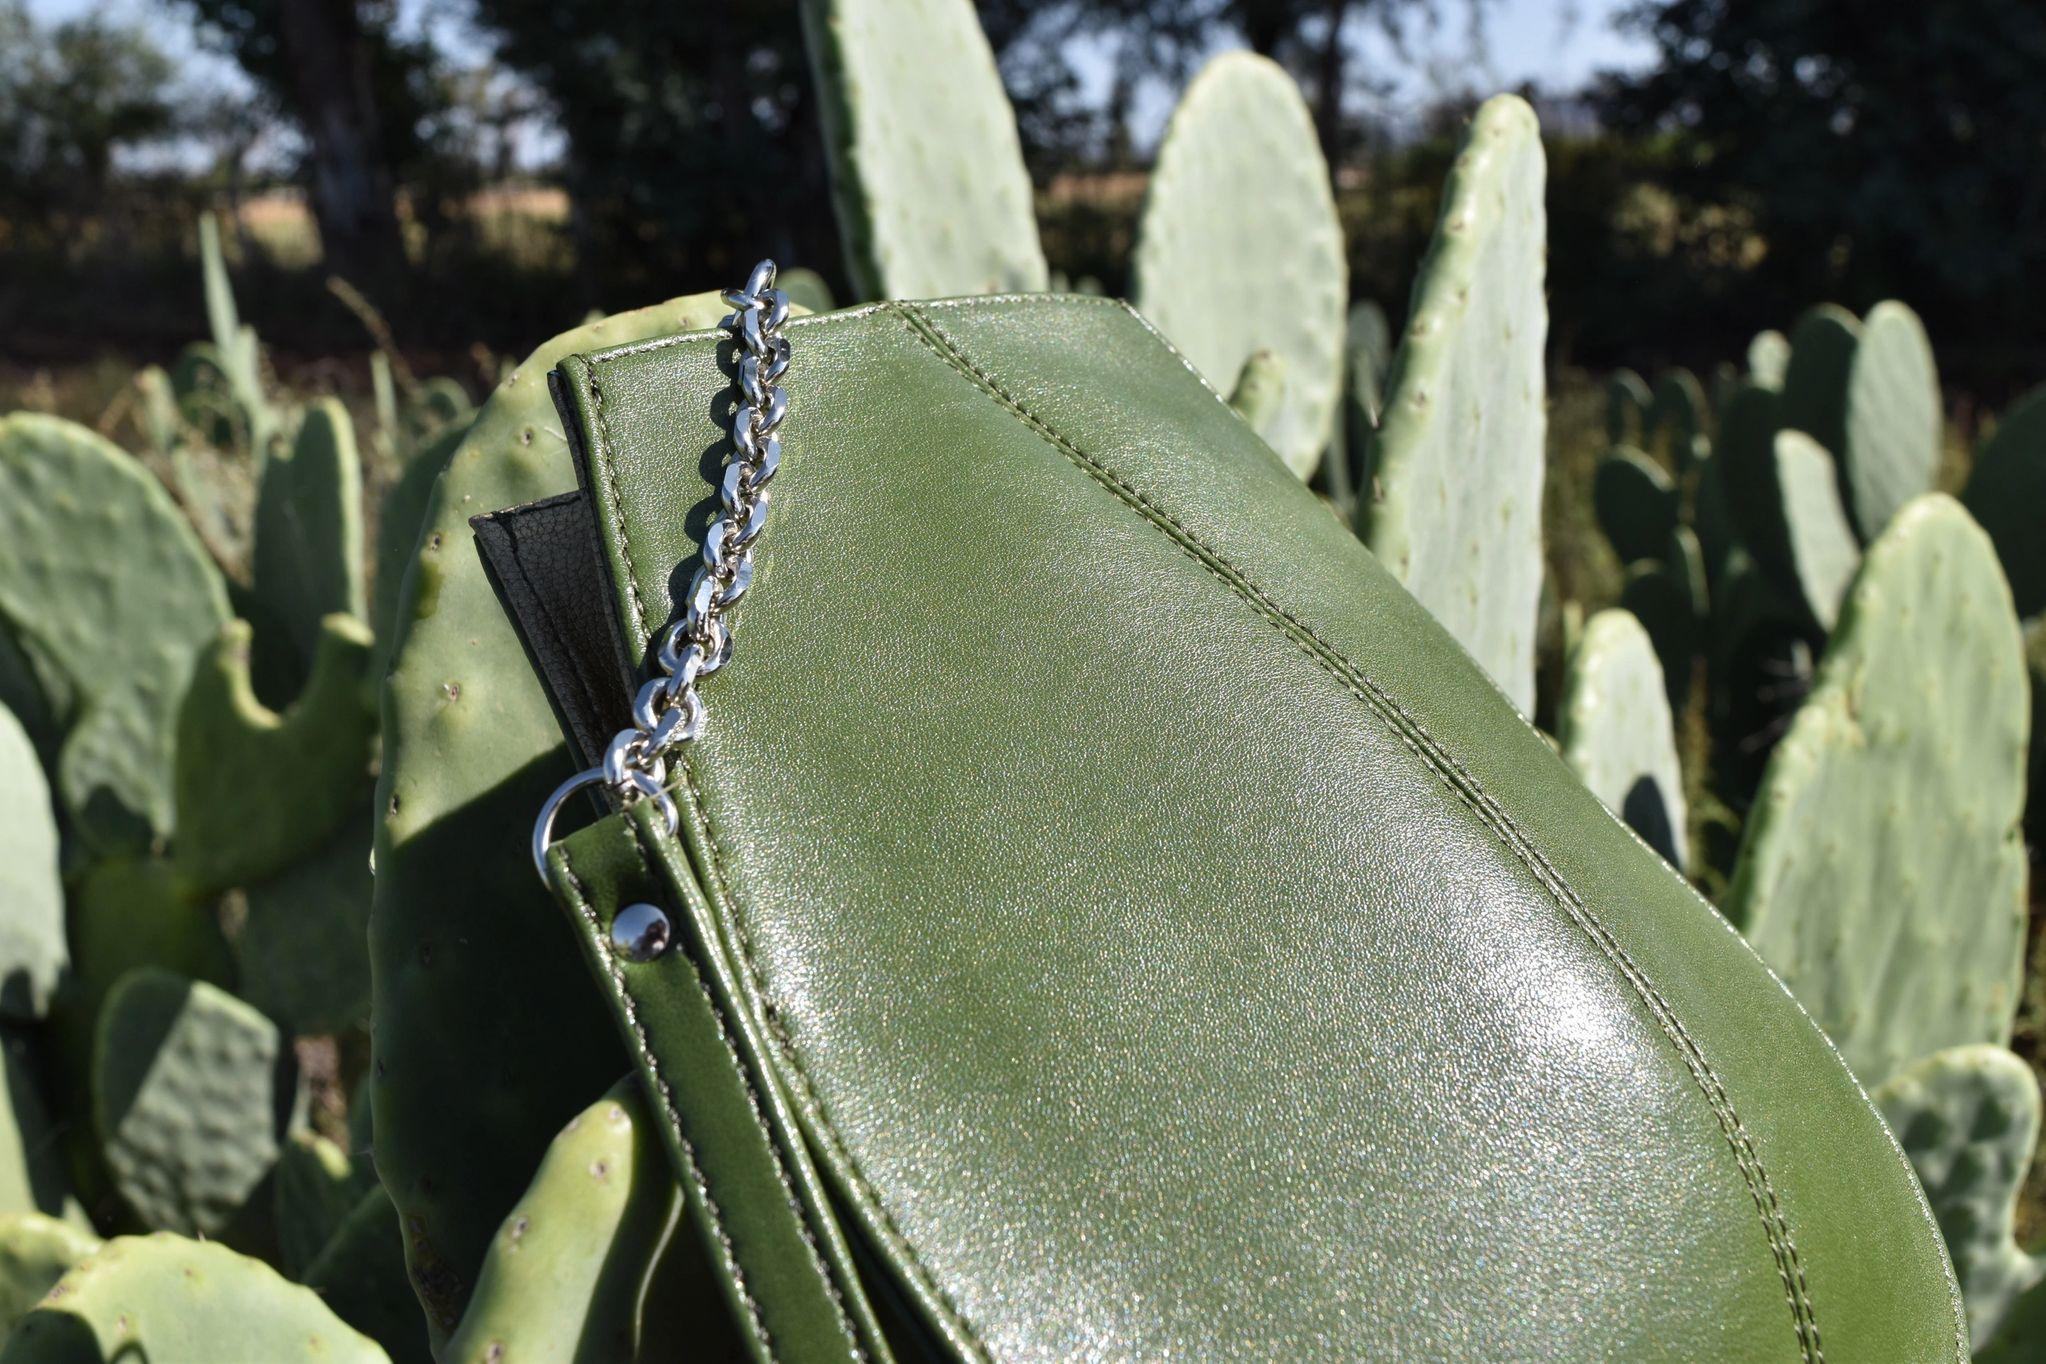 Conoce 'Desserto', el cuero vegetal hecho a base de cactus en México